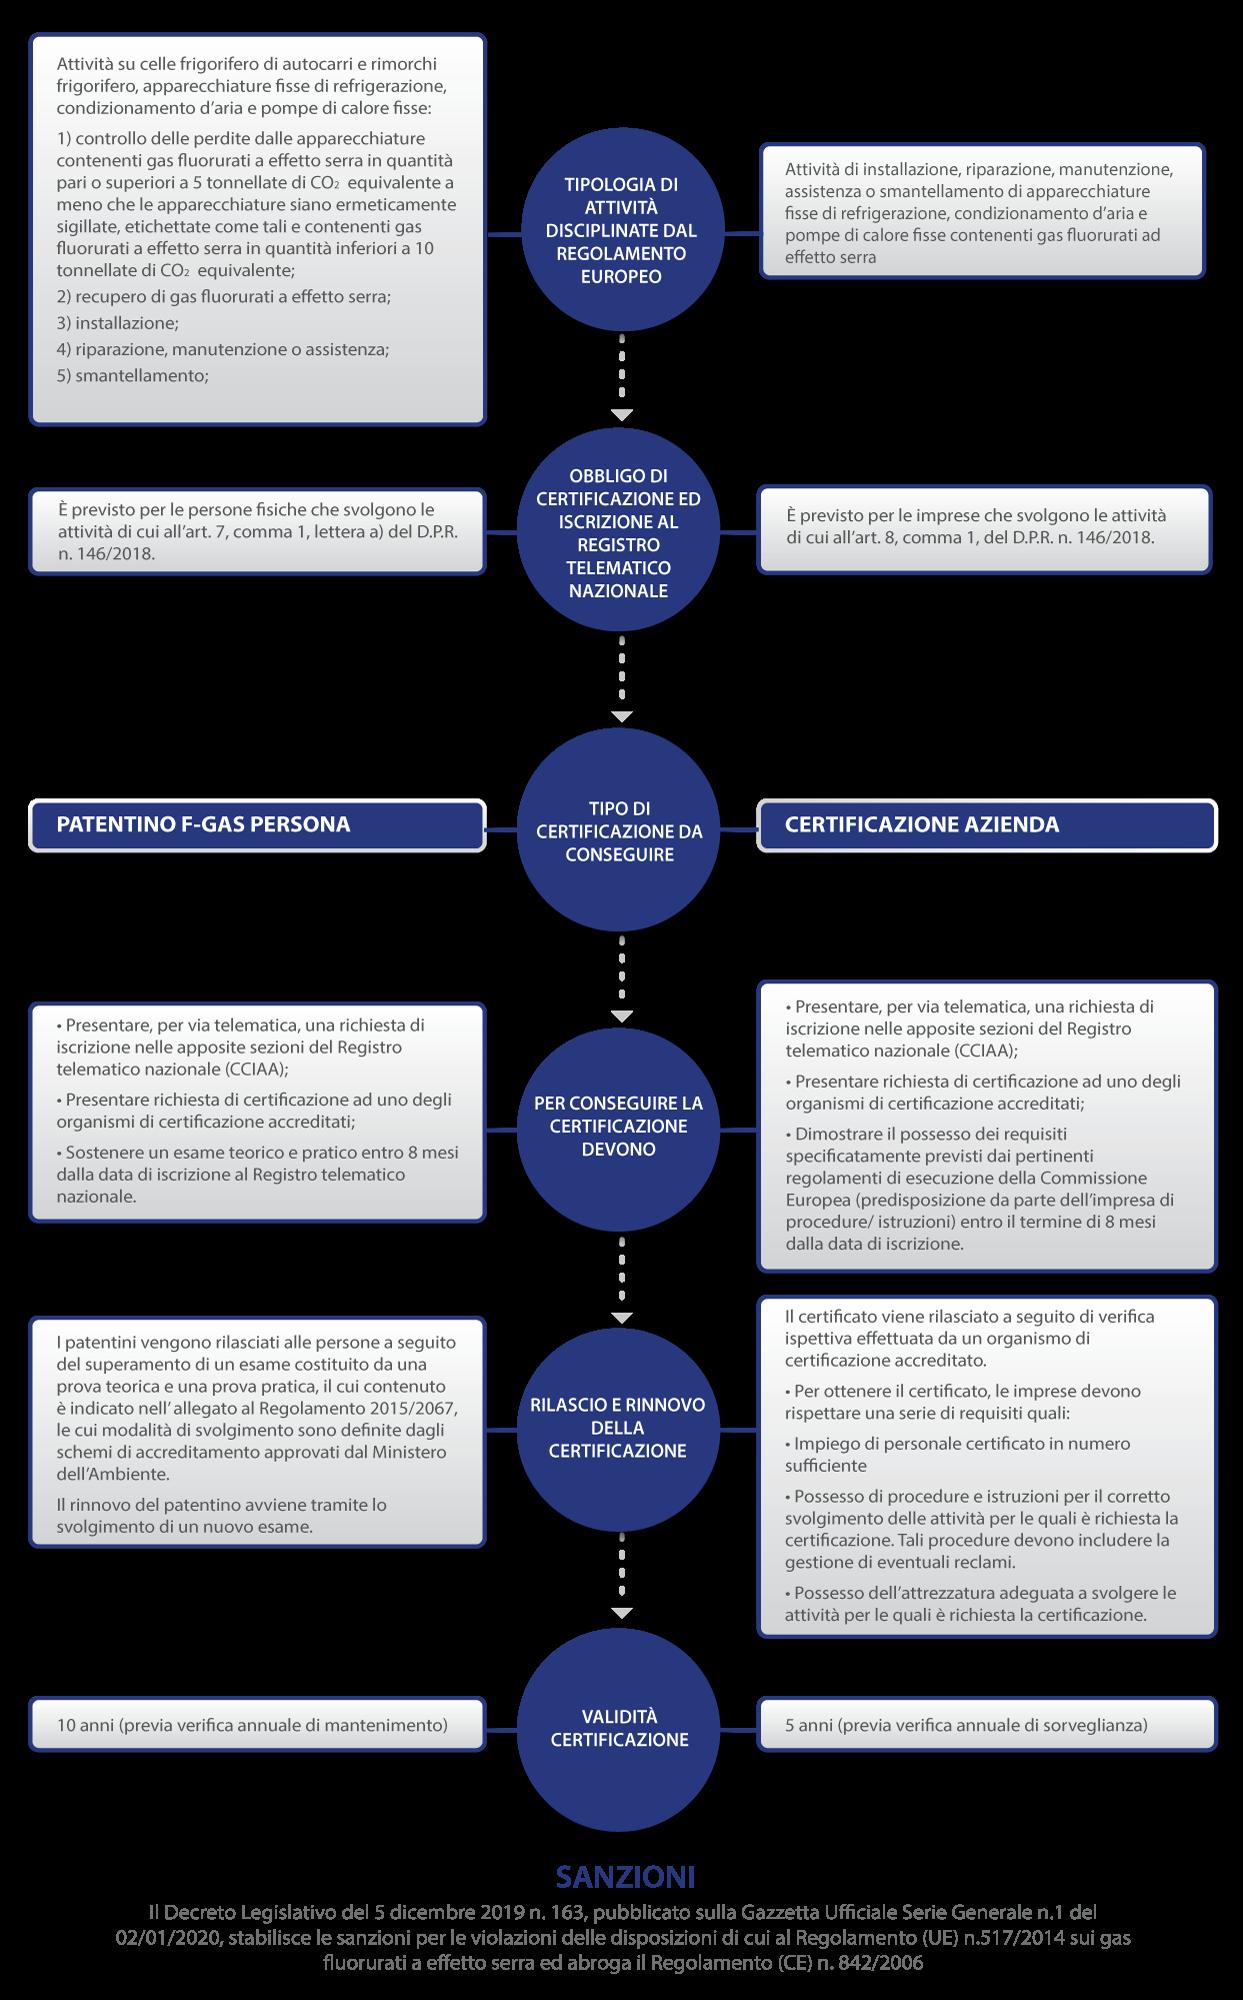 Certificazione F Gas Impresa e Patentino F Gas Persona